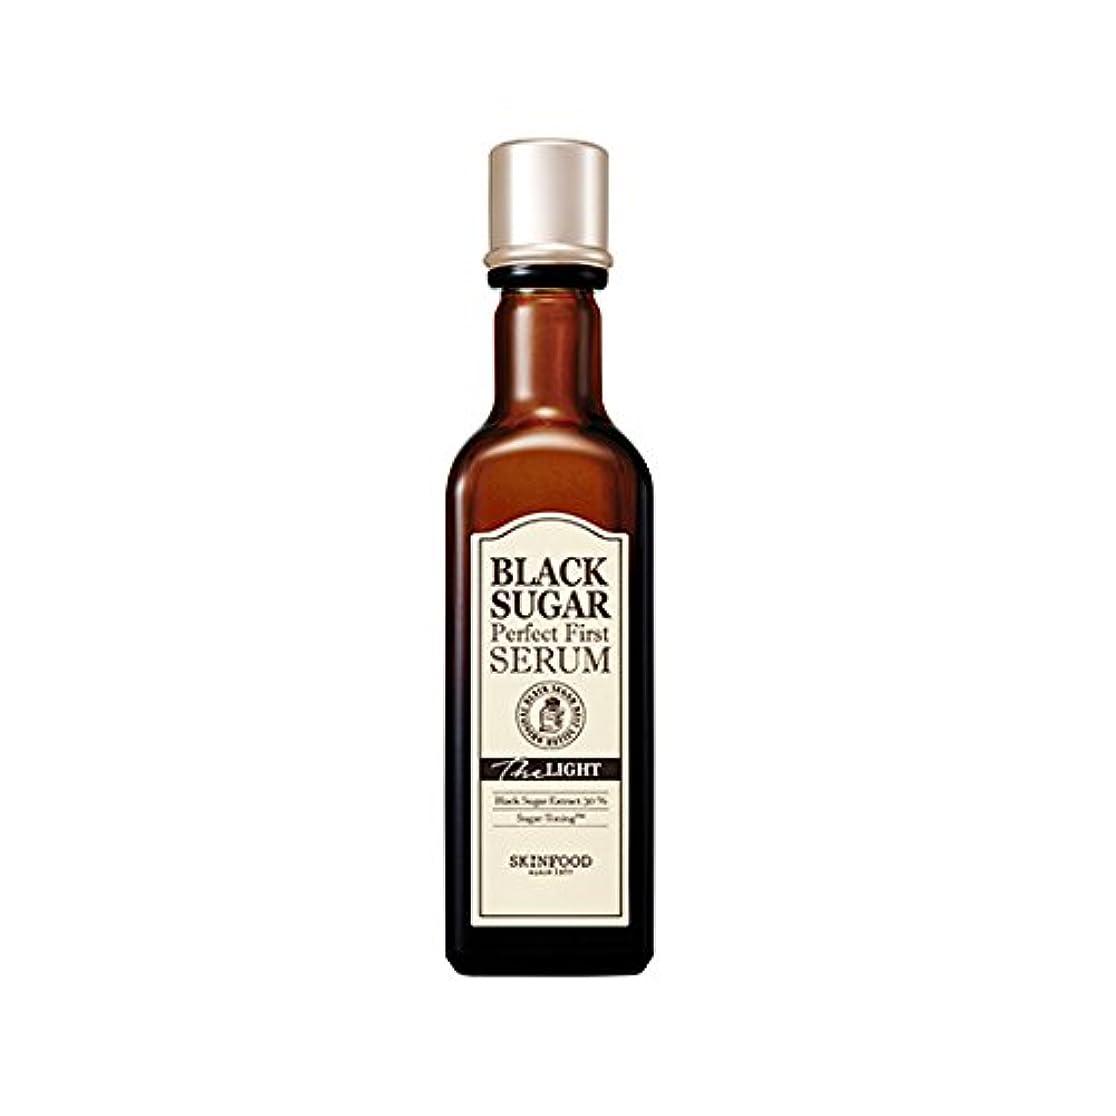 凍る受取人ビンSkinfood black sugar perfect first serum the light/黒糖完全最初血清ライト/120ml + 60? [並行輸入品]